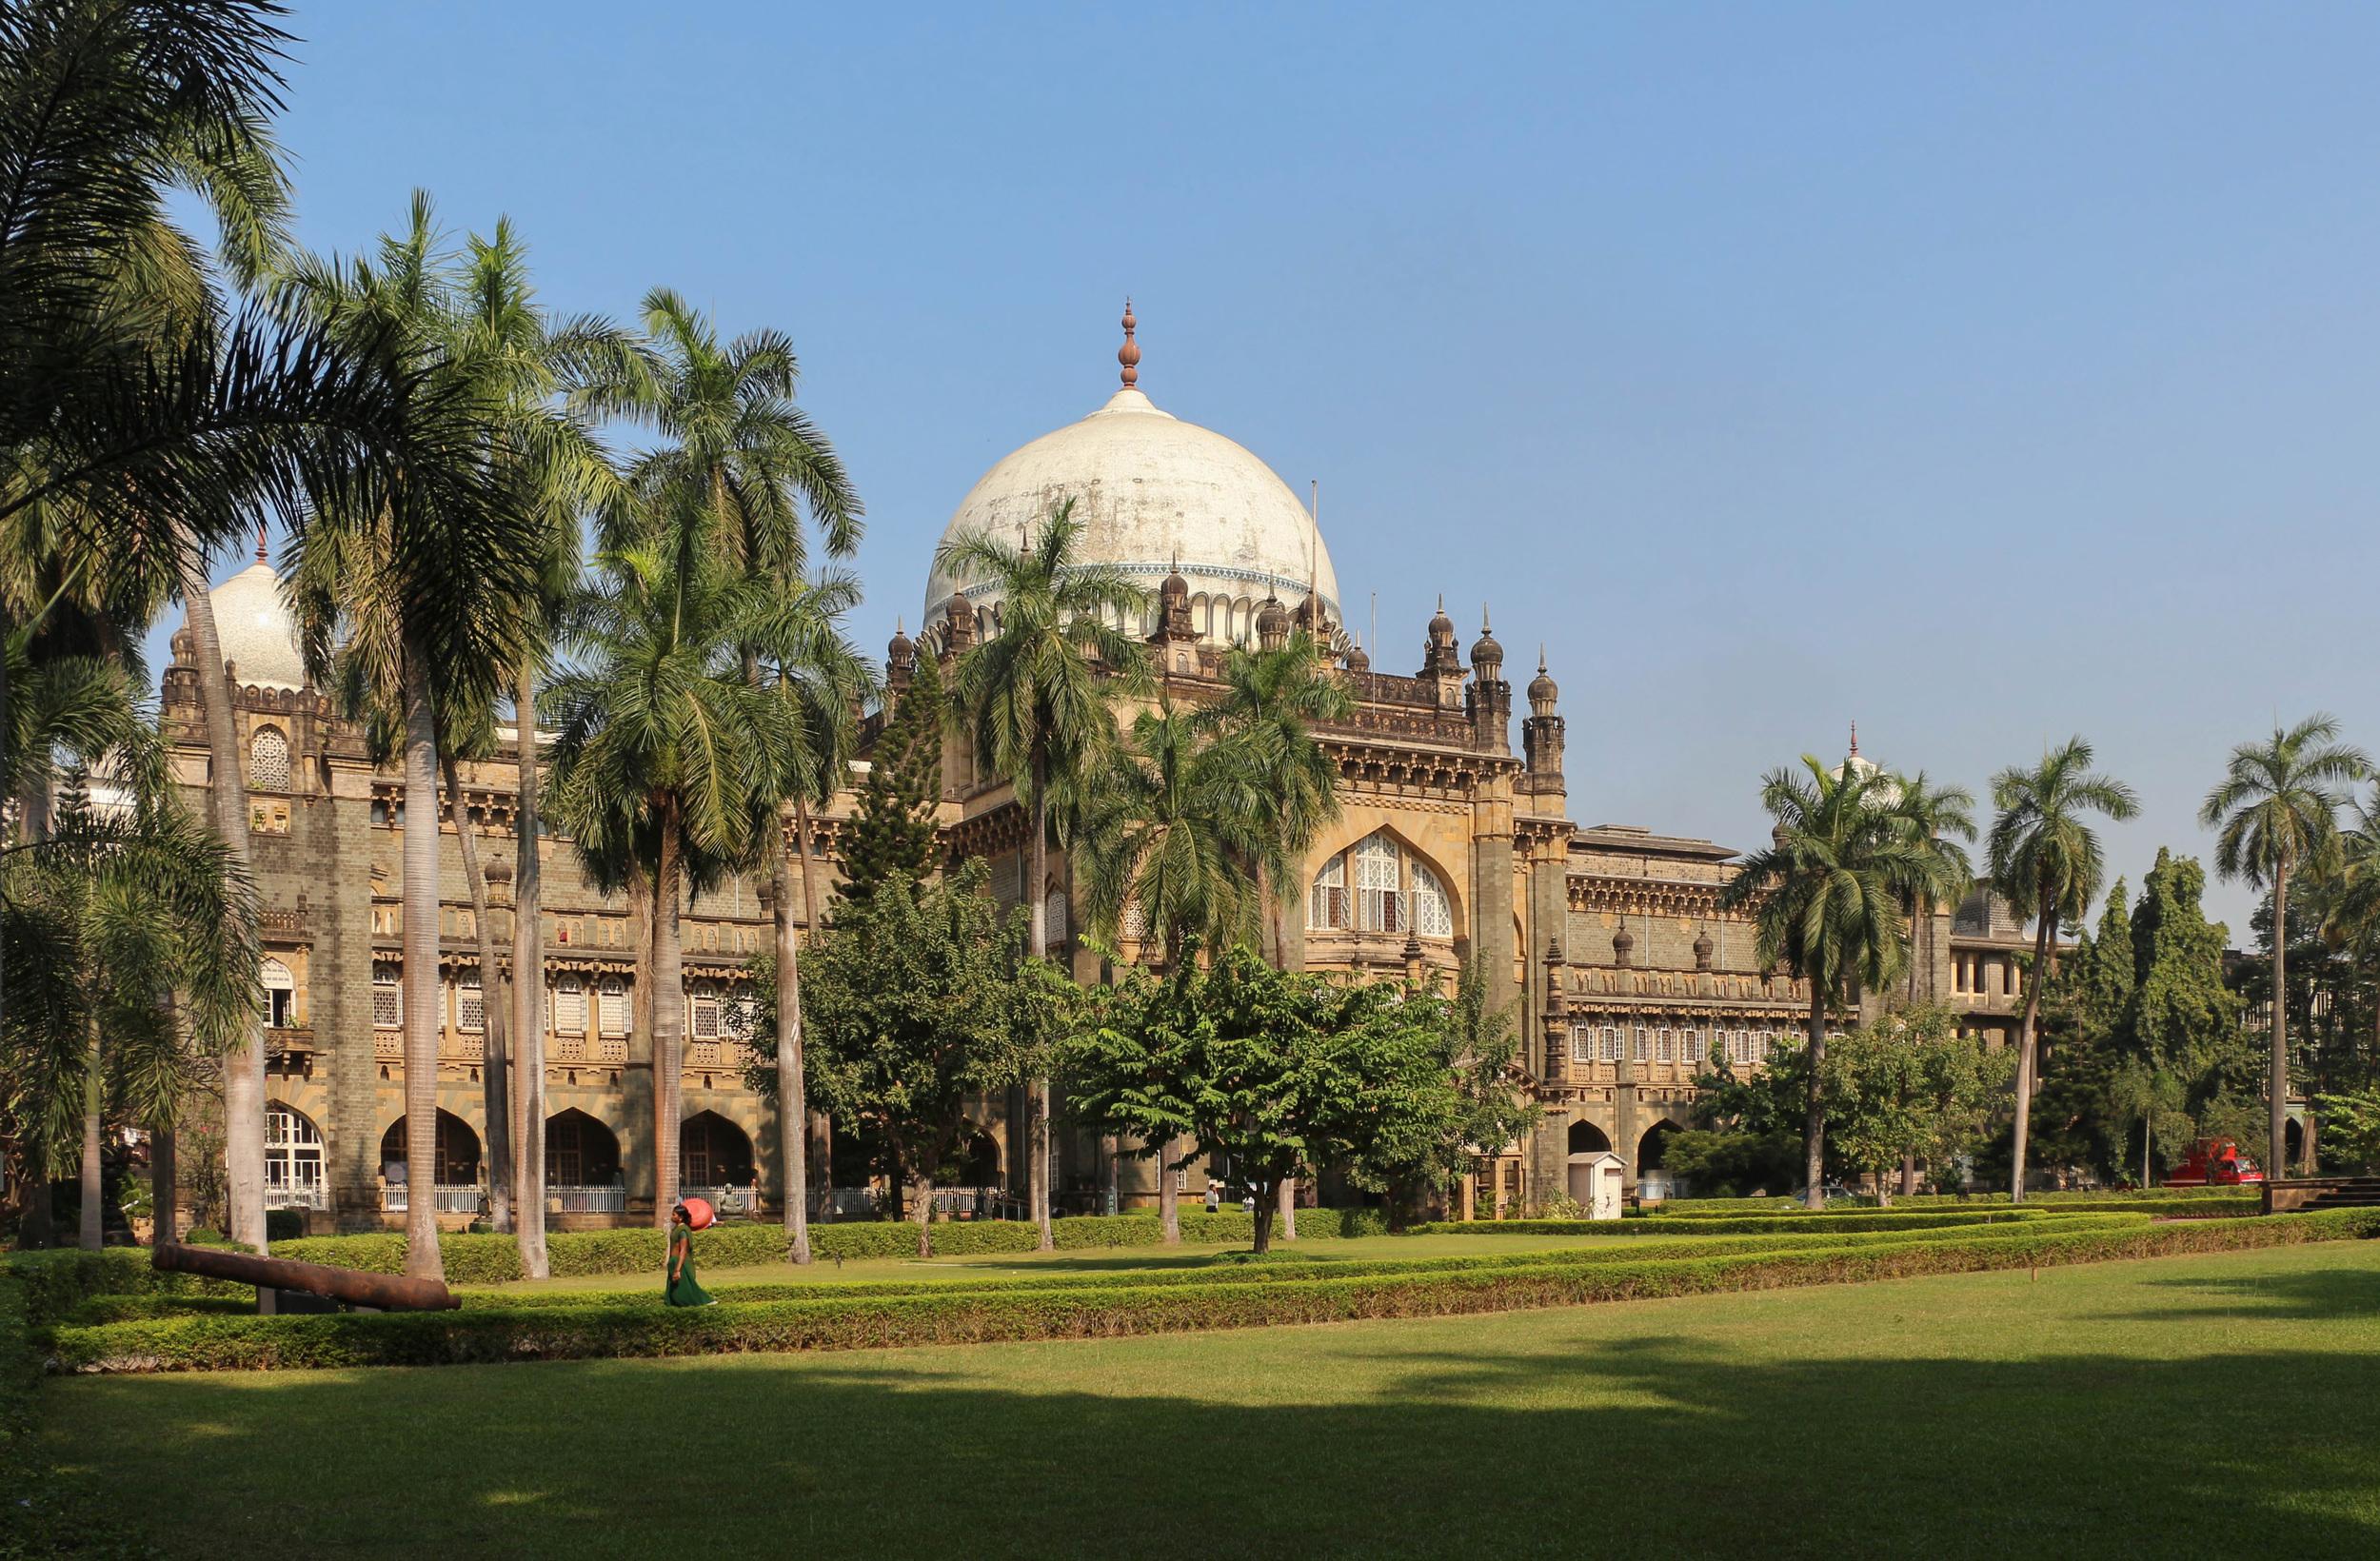 Prince_of_Wales_Museum,_Mumbai_01.jpg